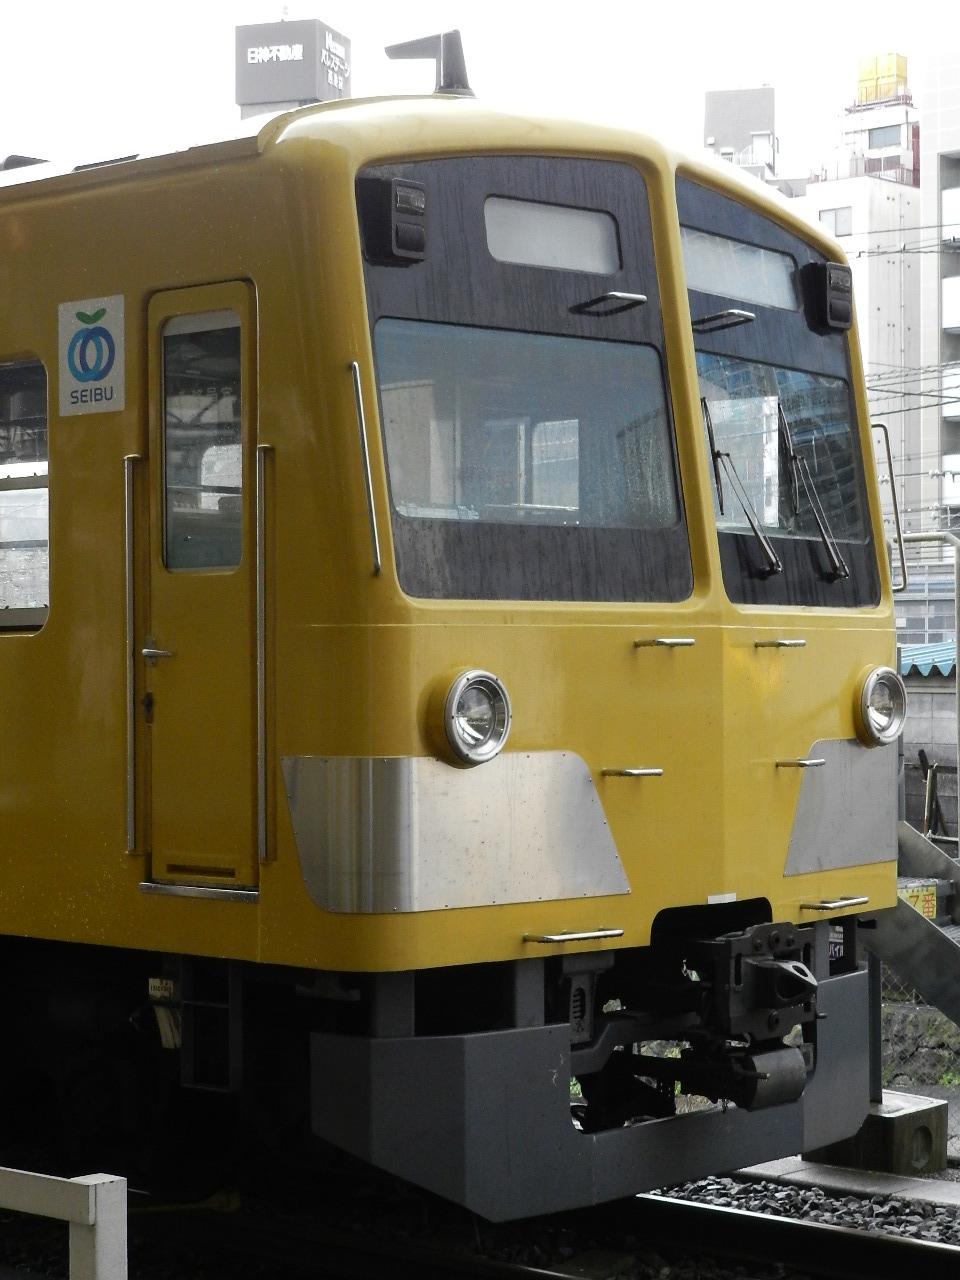 DSCN4792.jpg